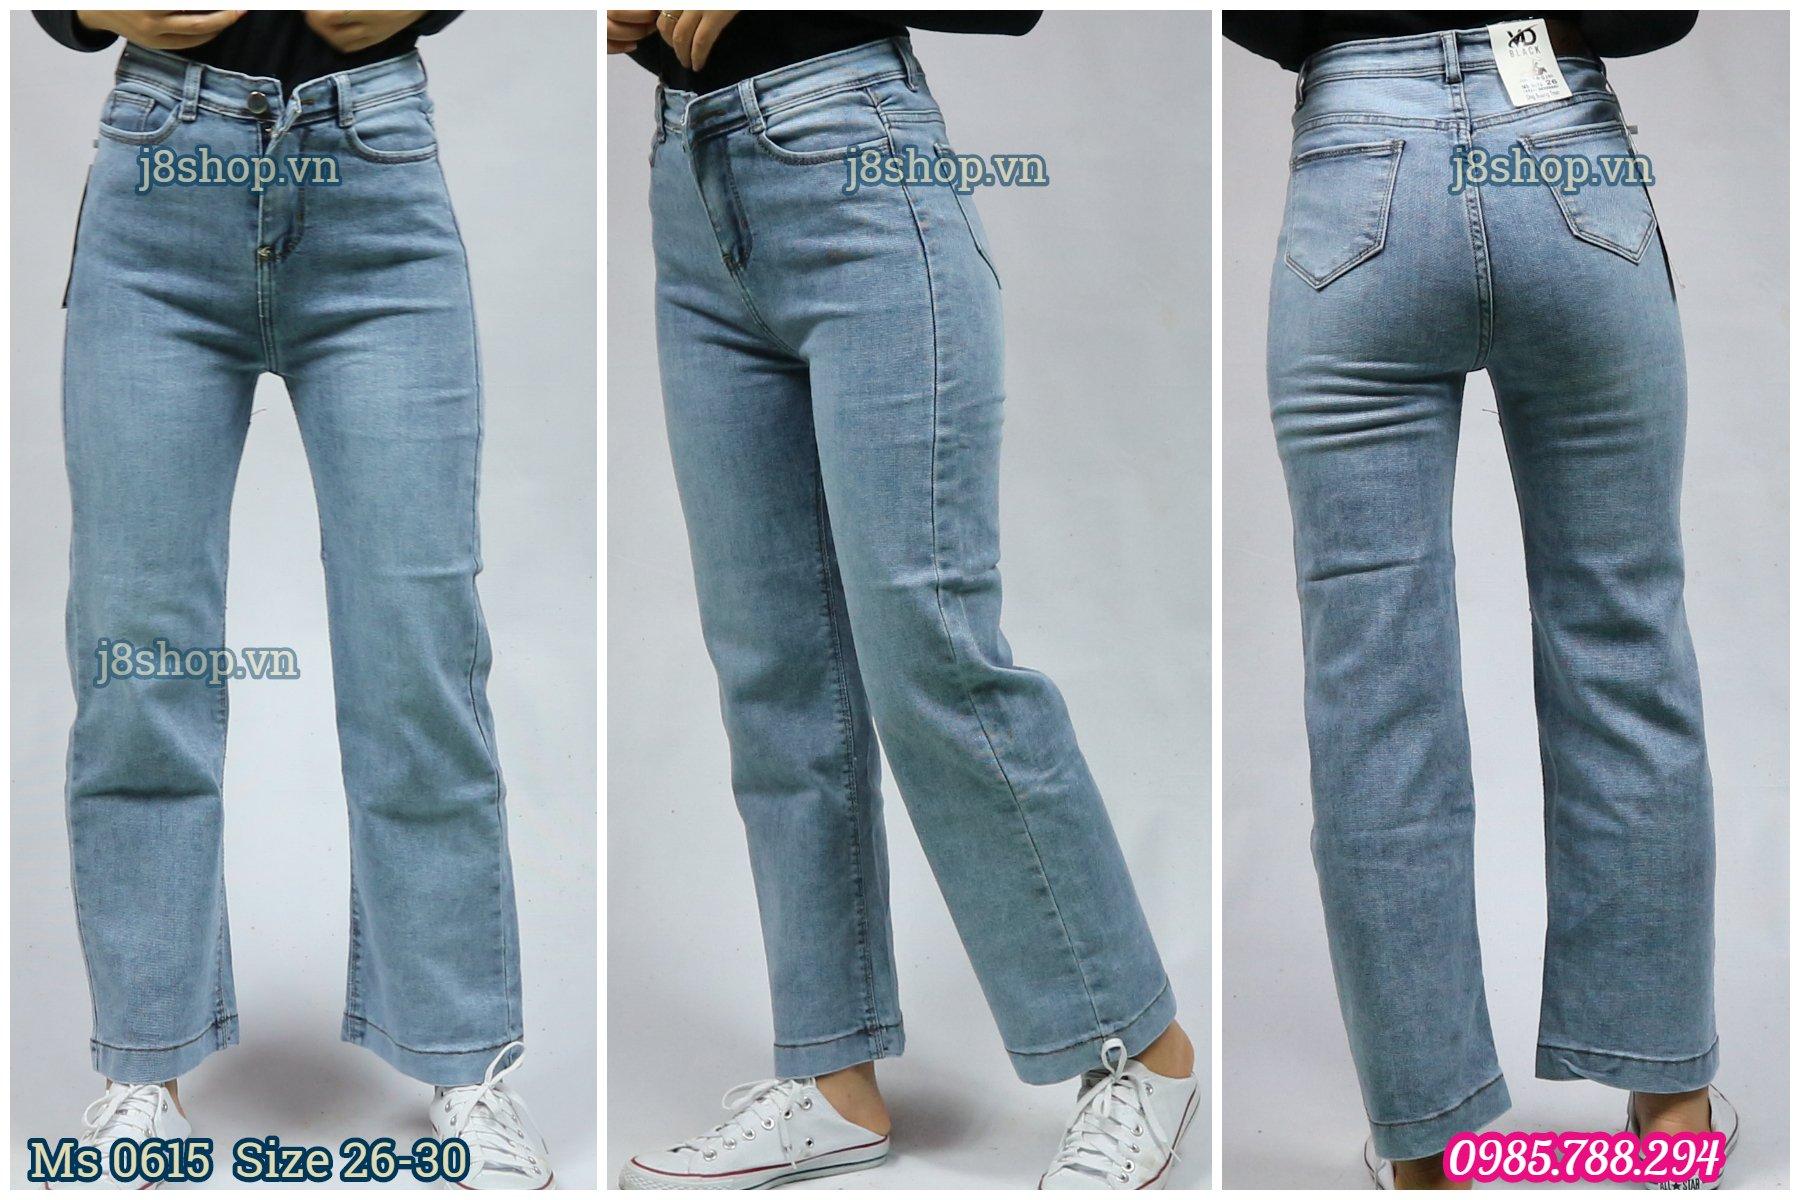 Quần Jean Nữ Ống Suông Lưng Cao Màu Xanh Size 26 30 Ms 0615